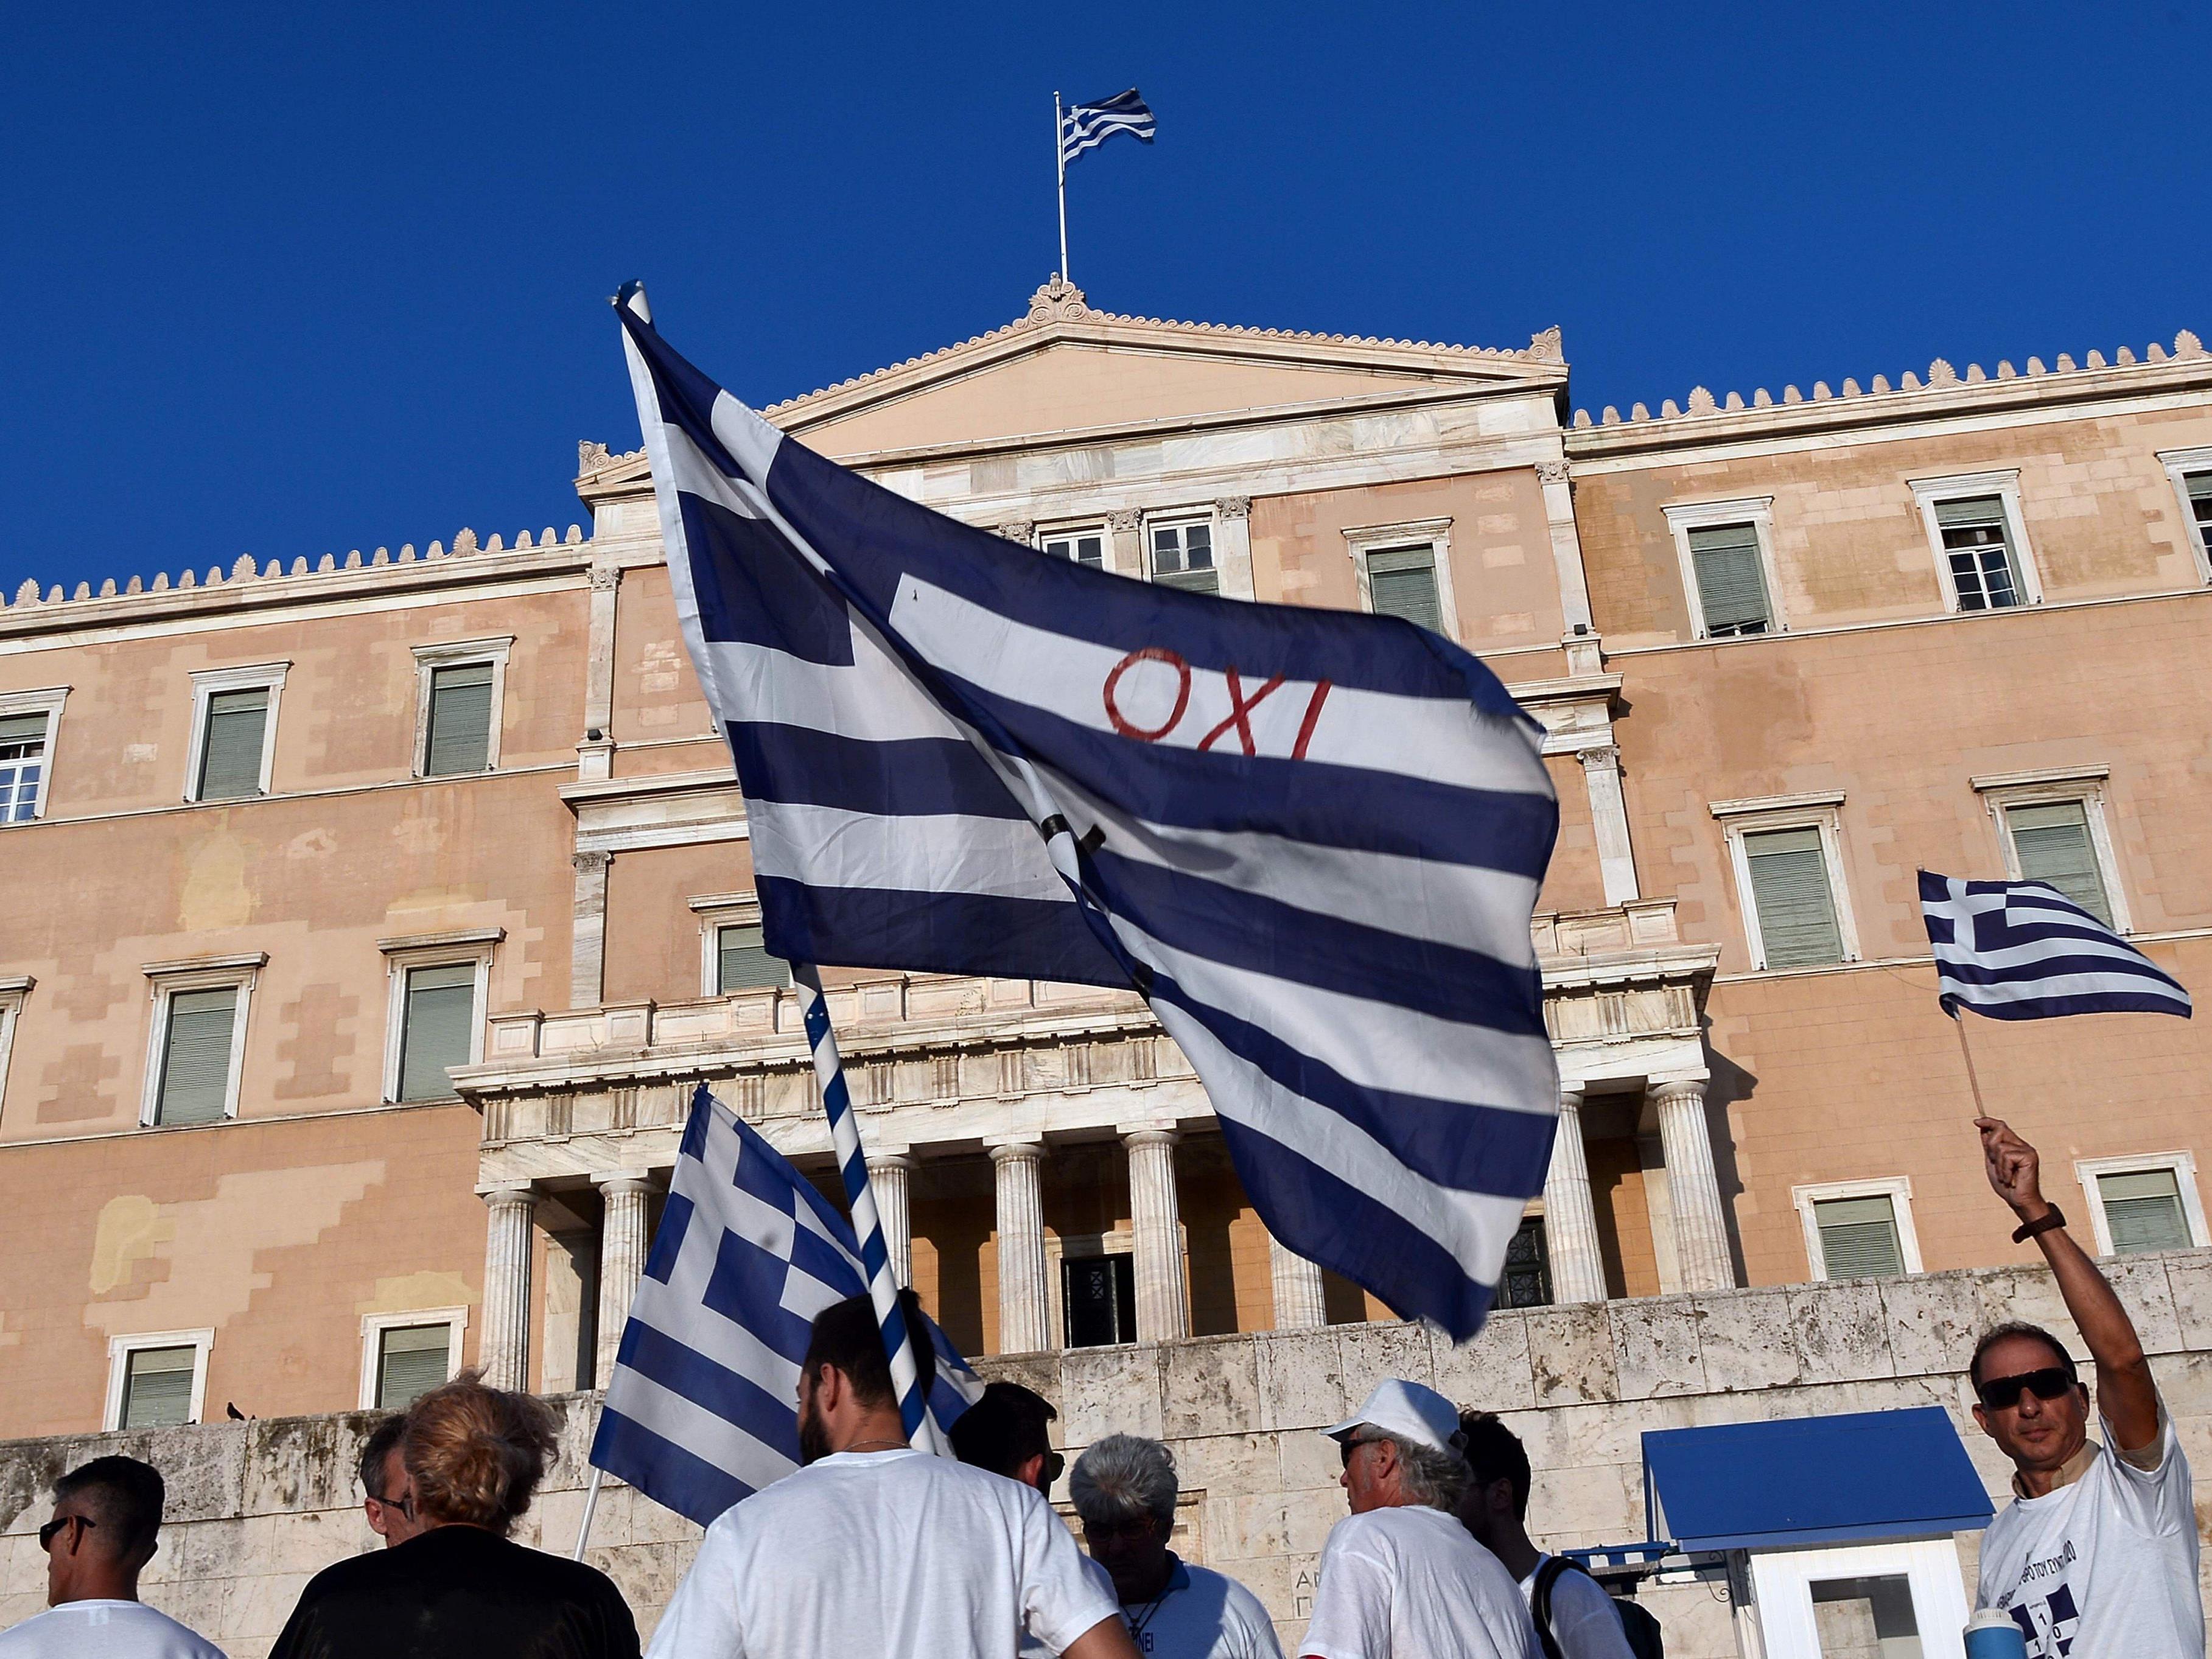 Die griechische Regierung hat eine Liste mit Unternehmen und Privatpersonen veröffentlicht, die benennt, wer dem griechischen Staat Steuern schuldet.